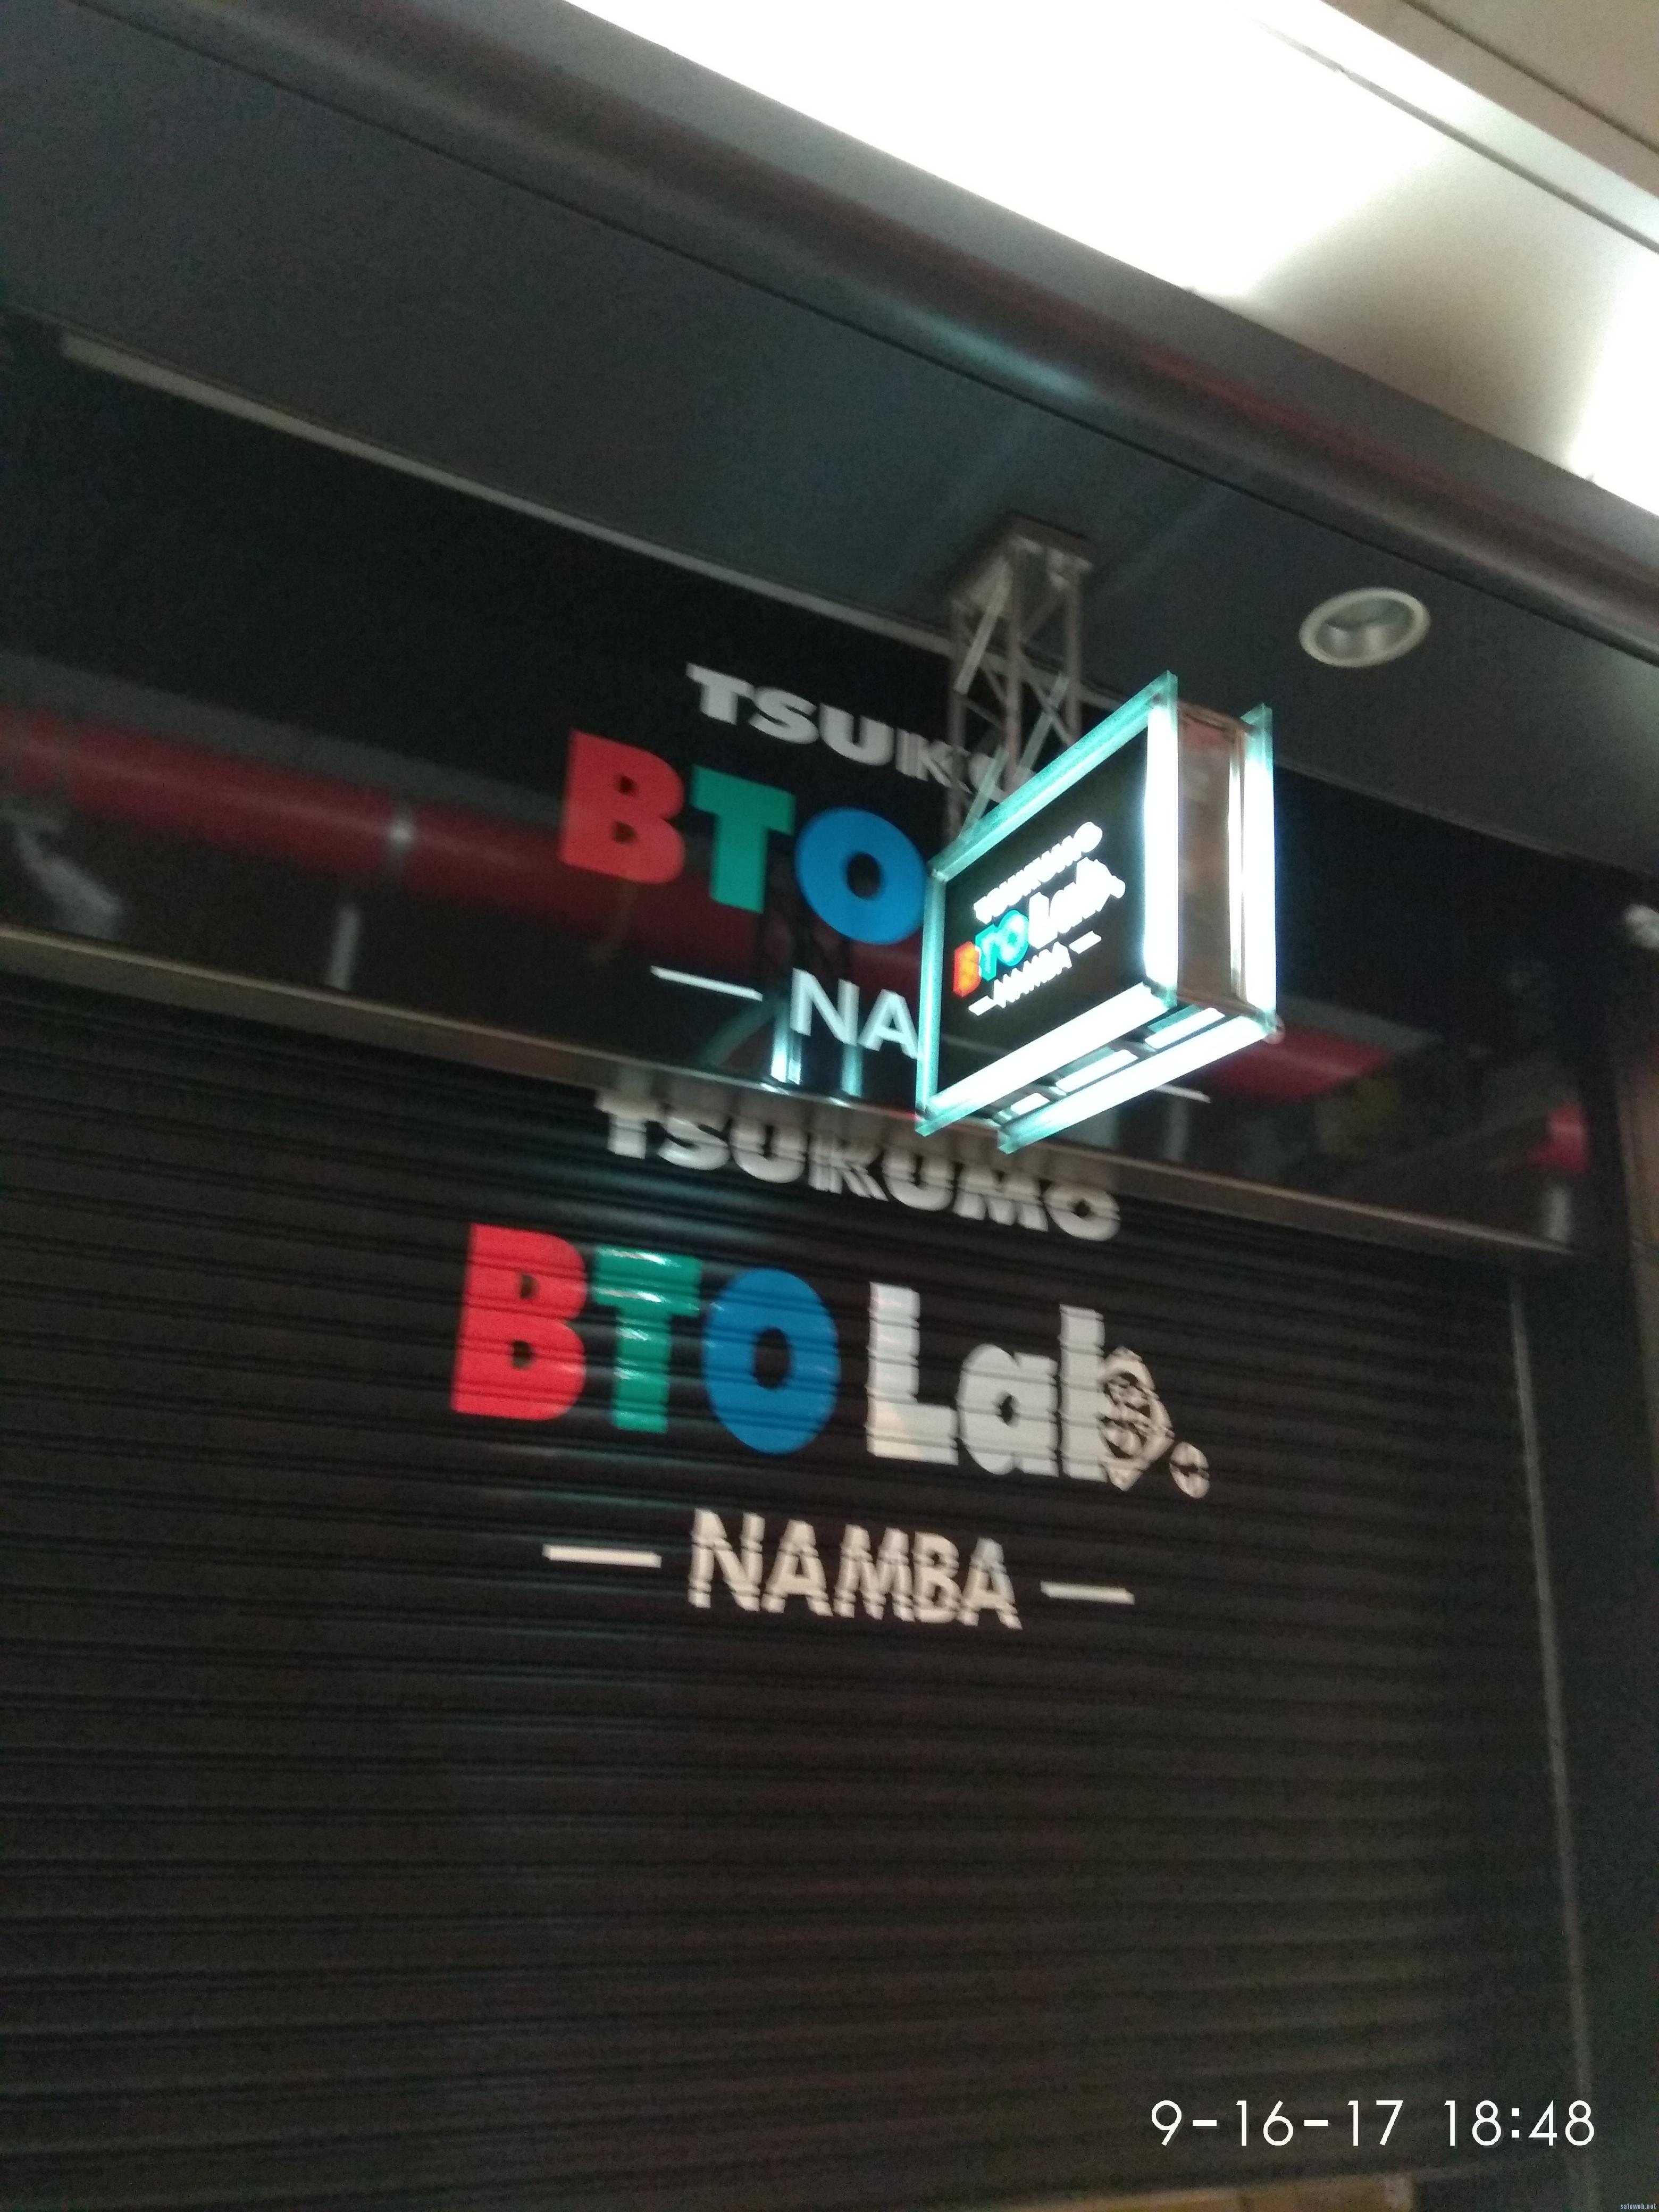 ツクモなんば店のオープン日が9月23日で確定、ビル一棟借りで5フロア構成の模様。